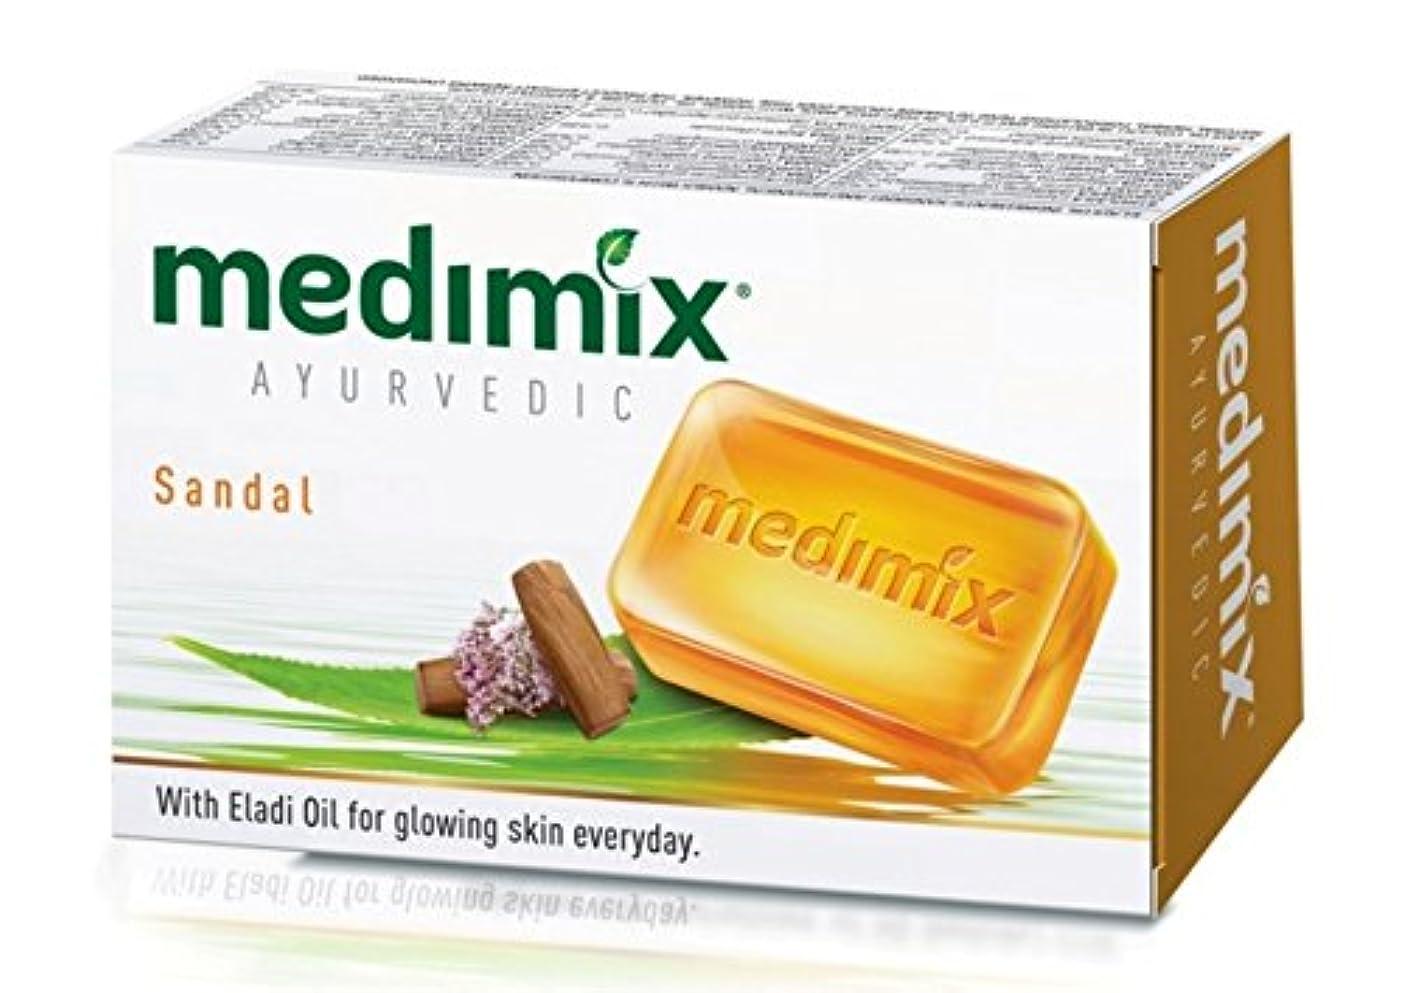 ホーム突破口乱雑な【medimix国内正規品】メディミックス Sandal ハーブから作られたオーガニック石鹸